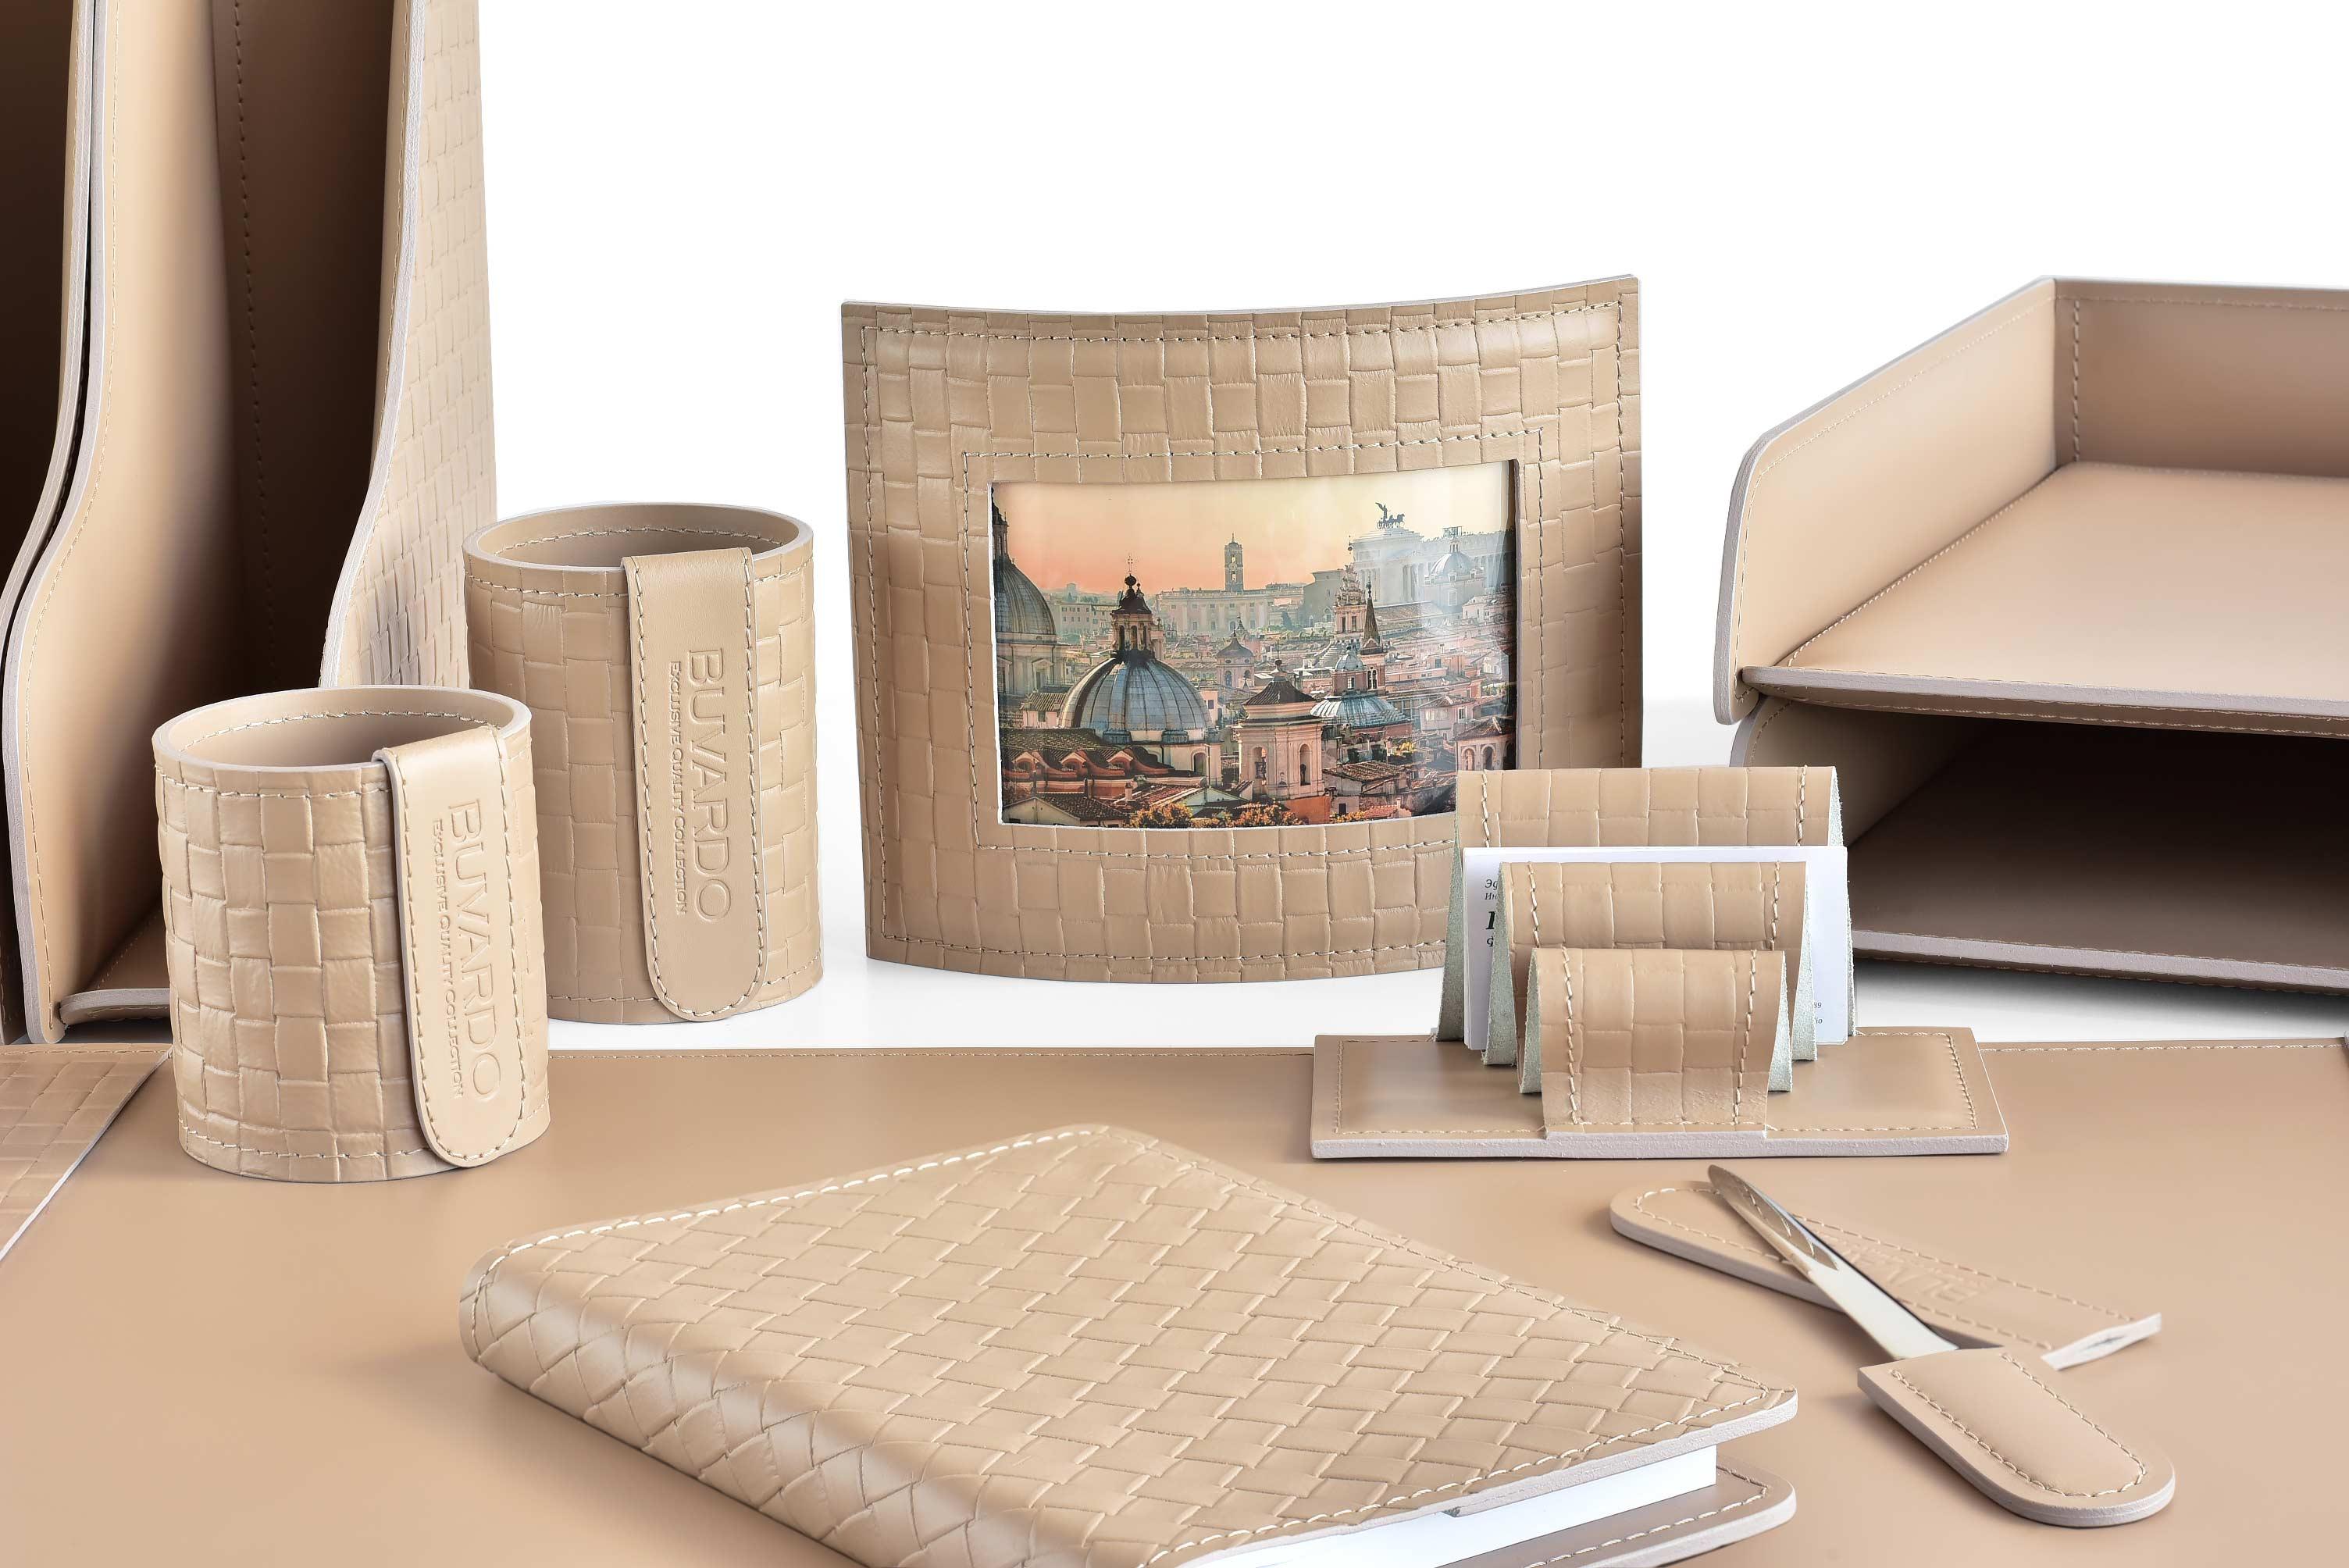 Набор на стол из 14 предметов из натуральной кожи Cuoietto с отделкой из тисненой кожи с эффектом переплетения